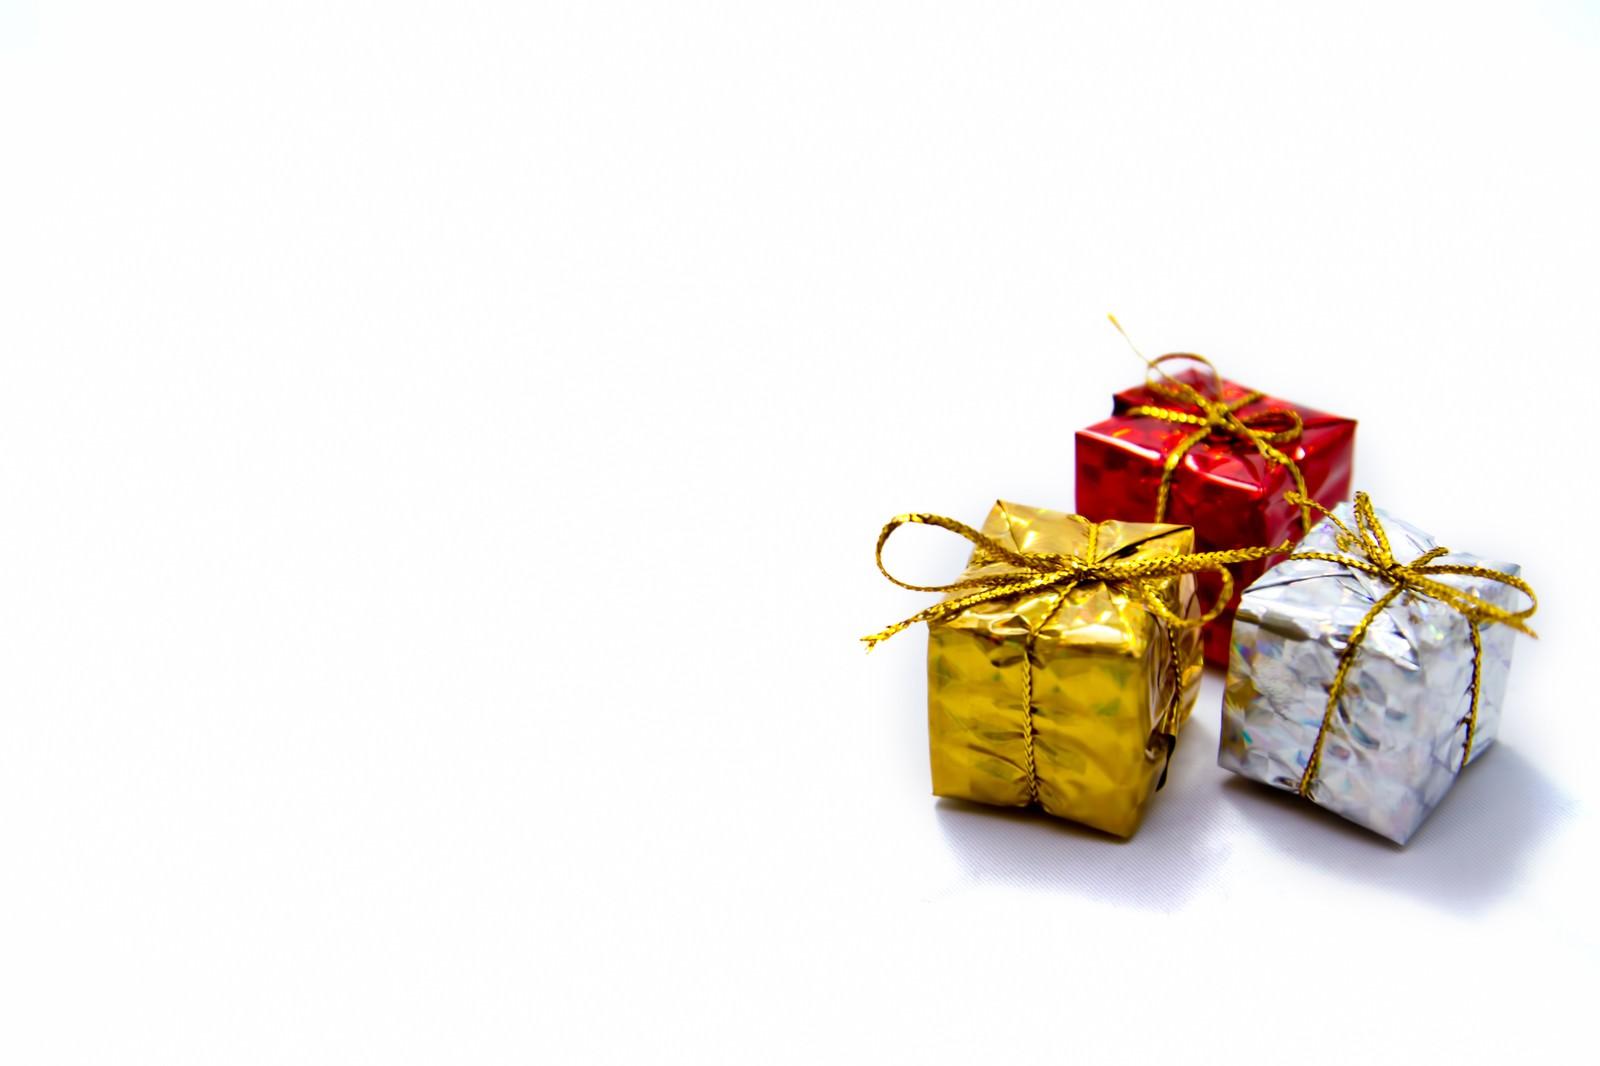 「プレゼントボックス3つ」の写真